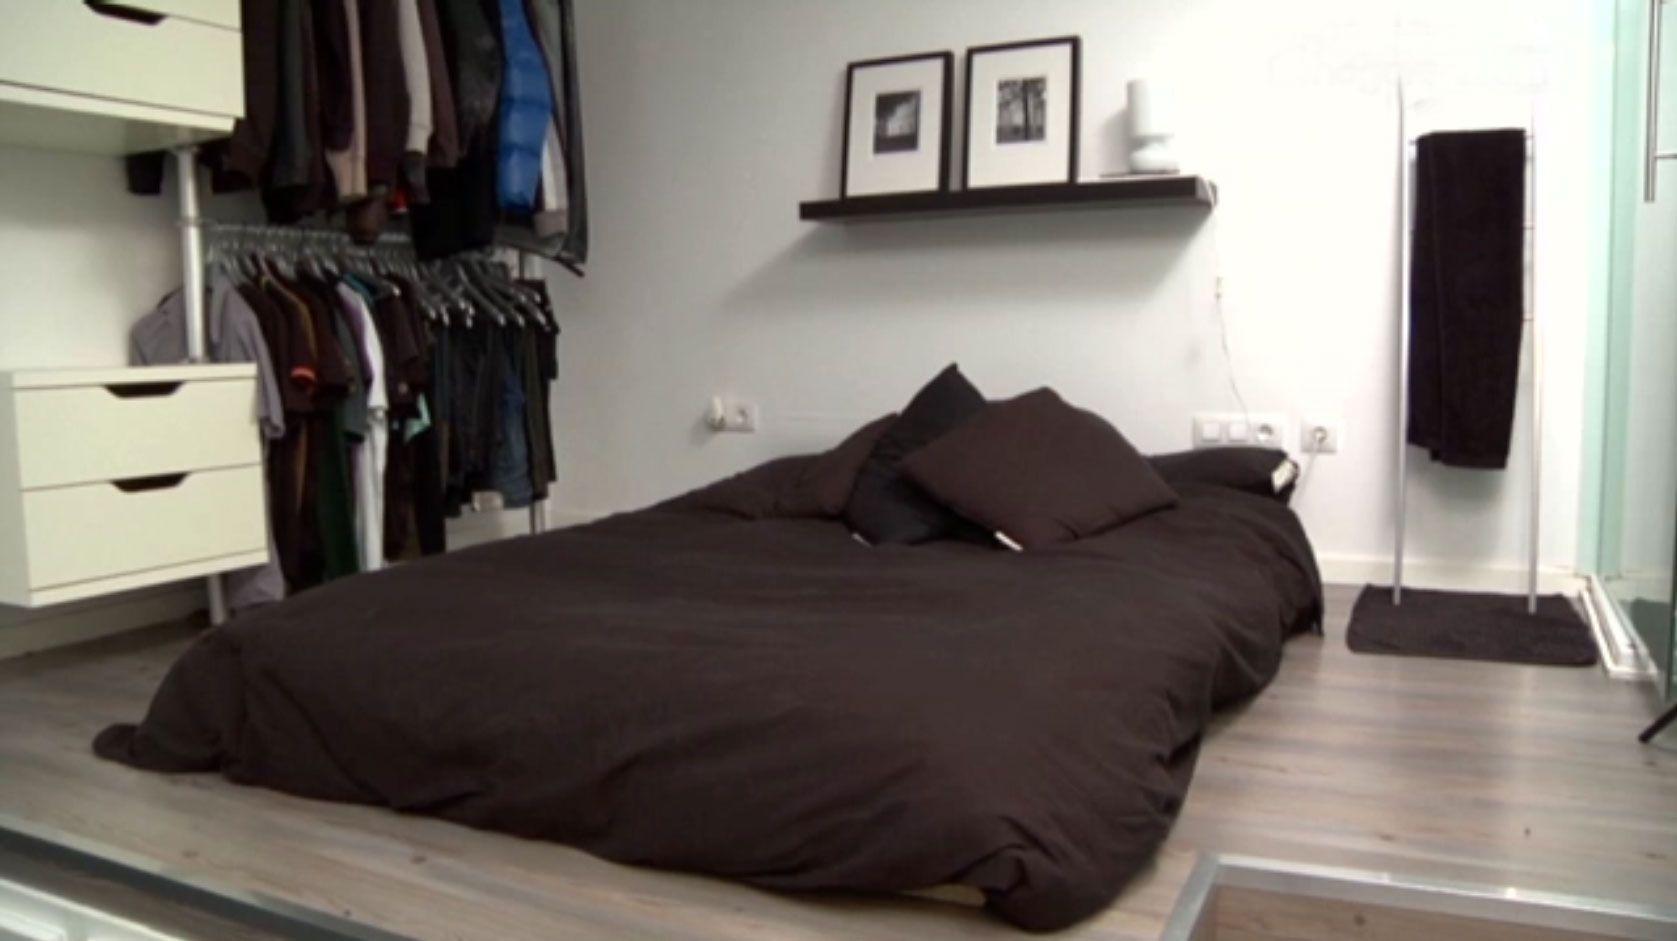 Mini plancher fonctionnel en noir et blanc